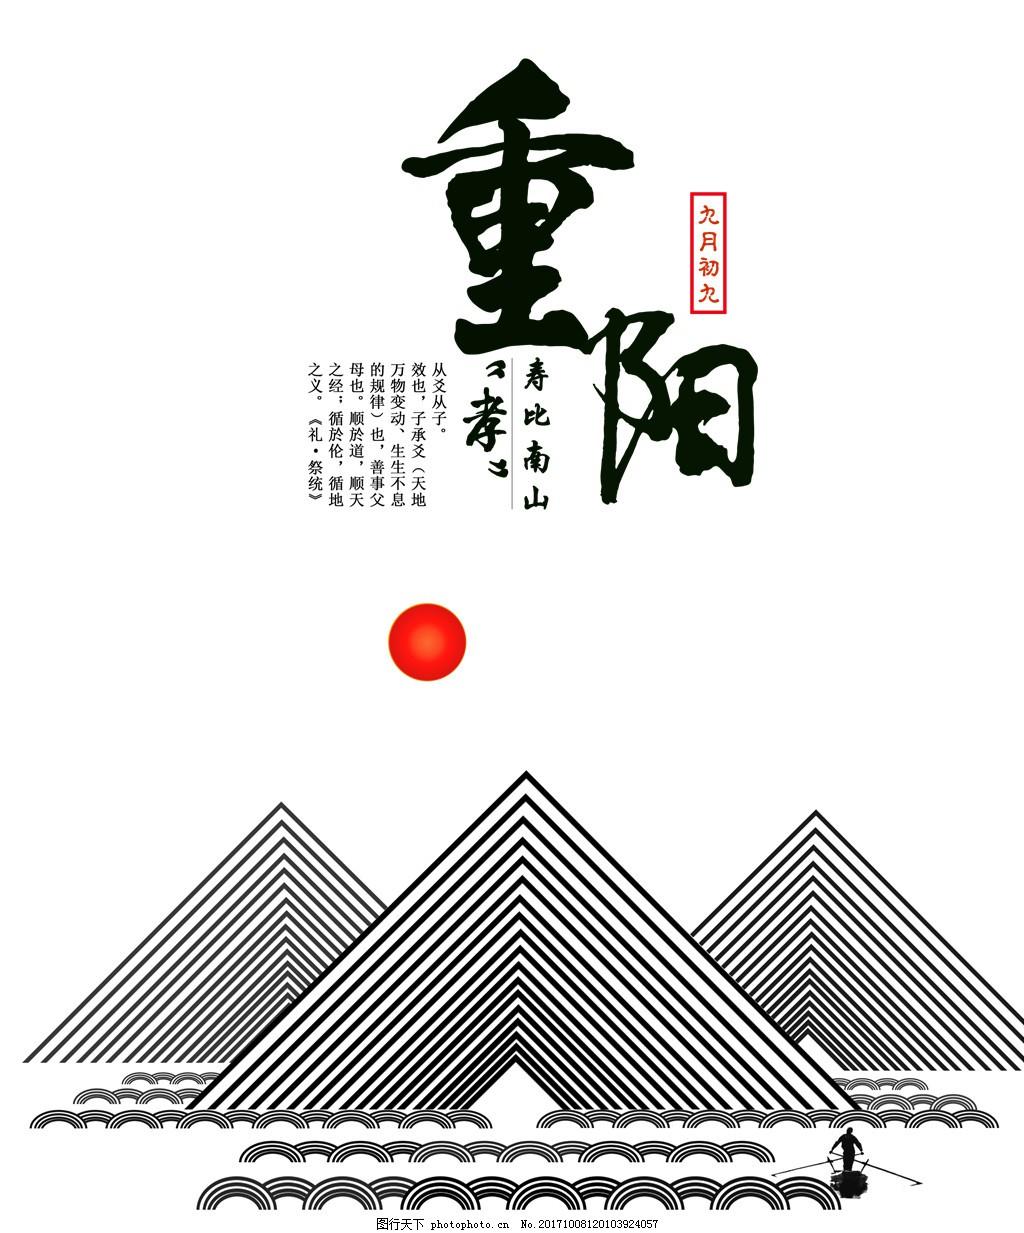 中国风重阳节主题元素 重阳主题 重阳节海报 久久重阳 老人图片